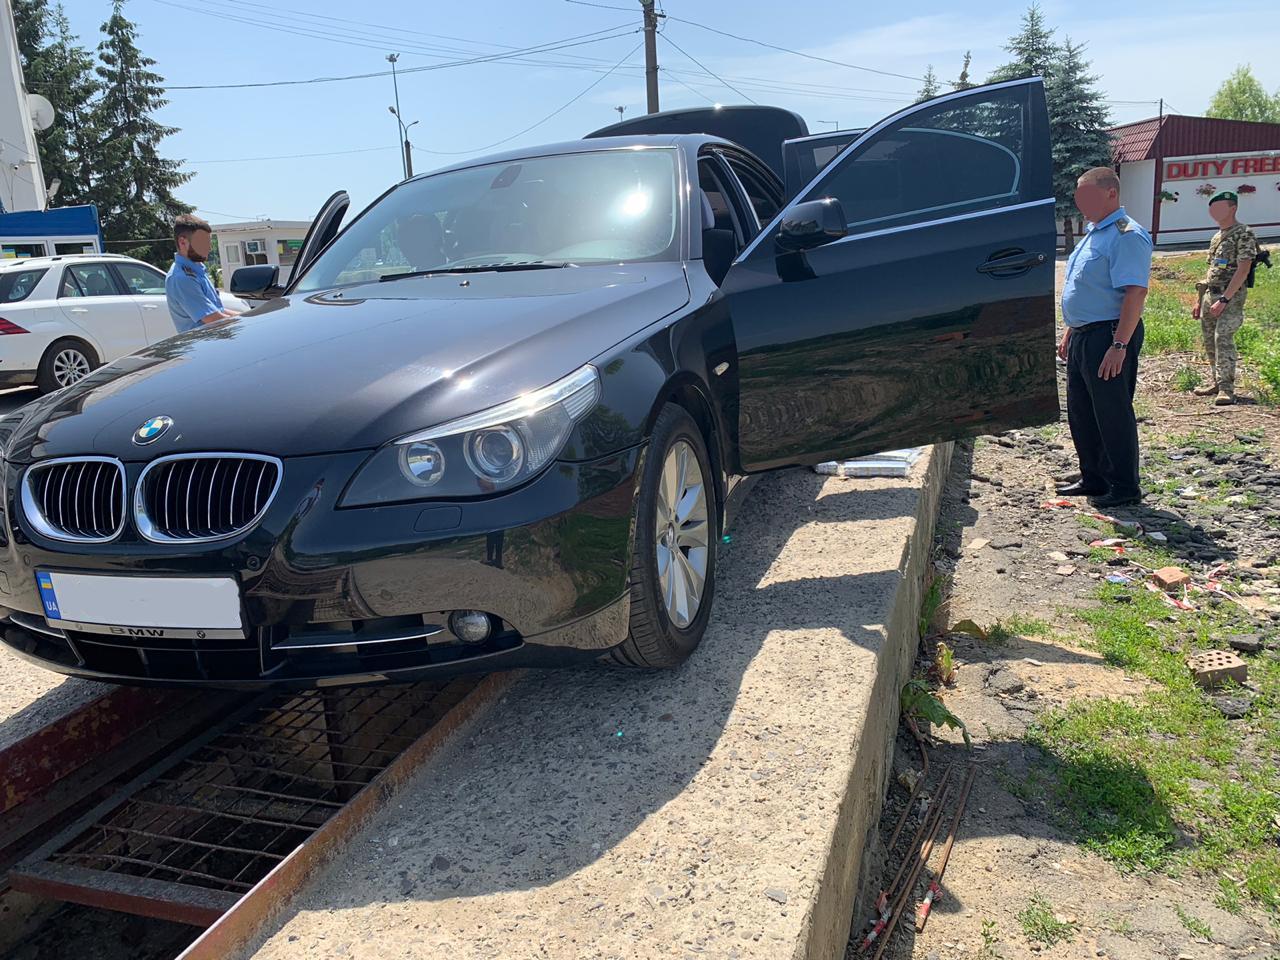 Сьогодні, 14 червня 2019 року, на митному посту «Лужанка» працівники Закарпатської митниці ДФС спільно з прикордонниками припинили незаконне переміщення тютюнових виробів через митний кордон України.